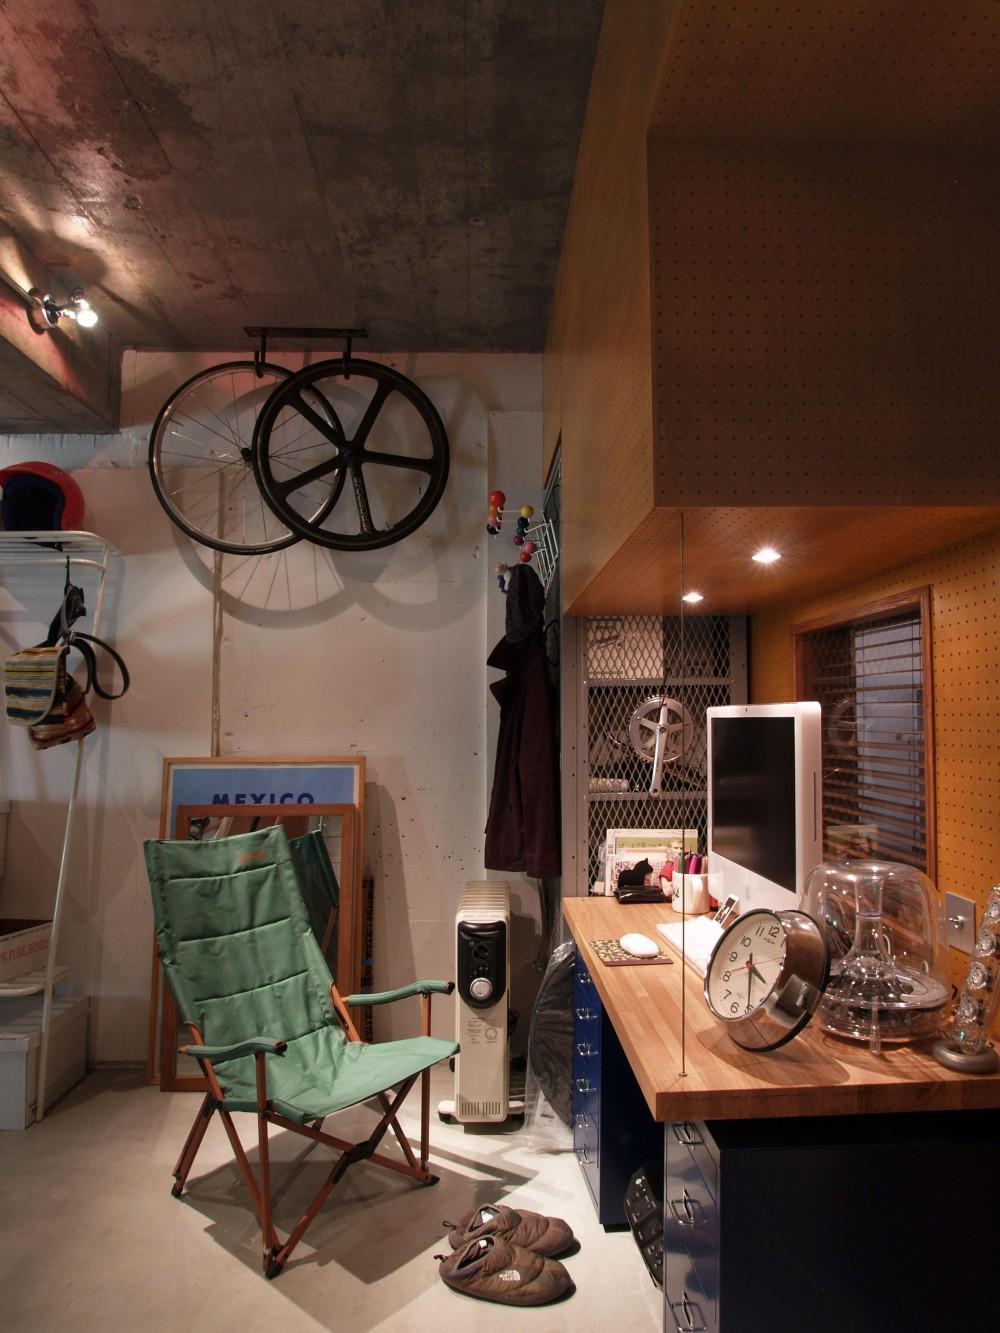 COSTA—部屋の真ん中に自転車を吊るして (ワークスペース)